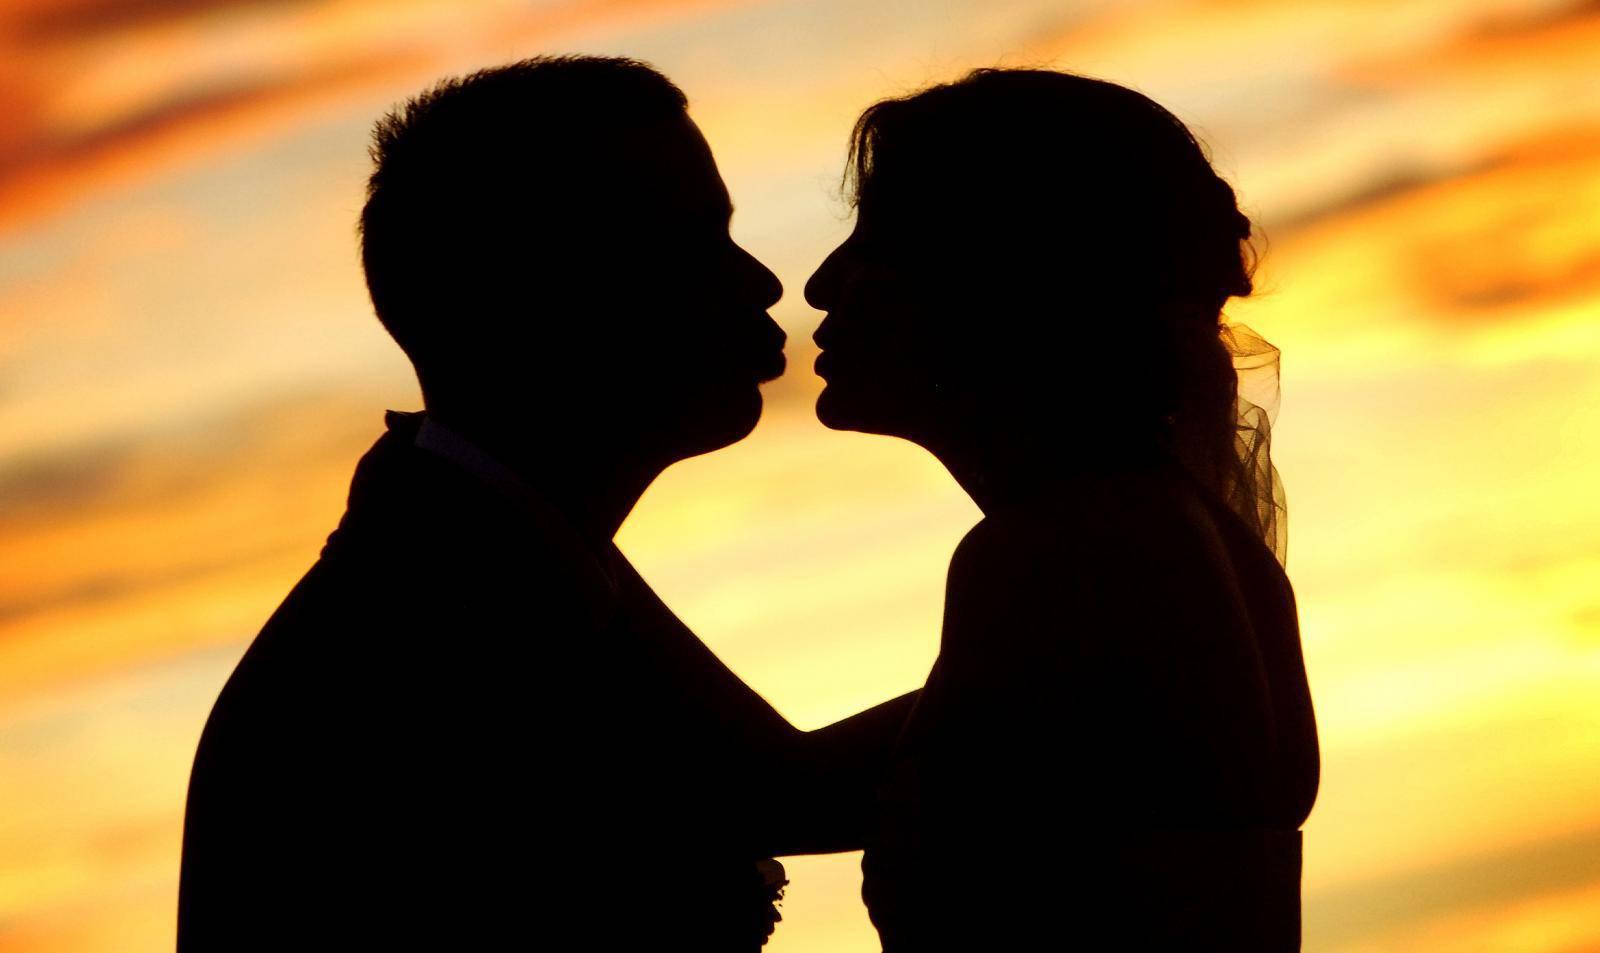 Moja supruga se treba osjećati krivom jer ne želi seks sa mnom